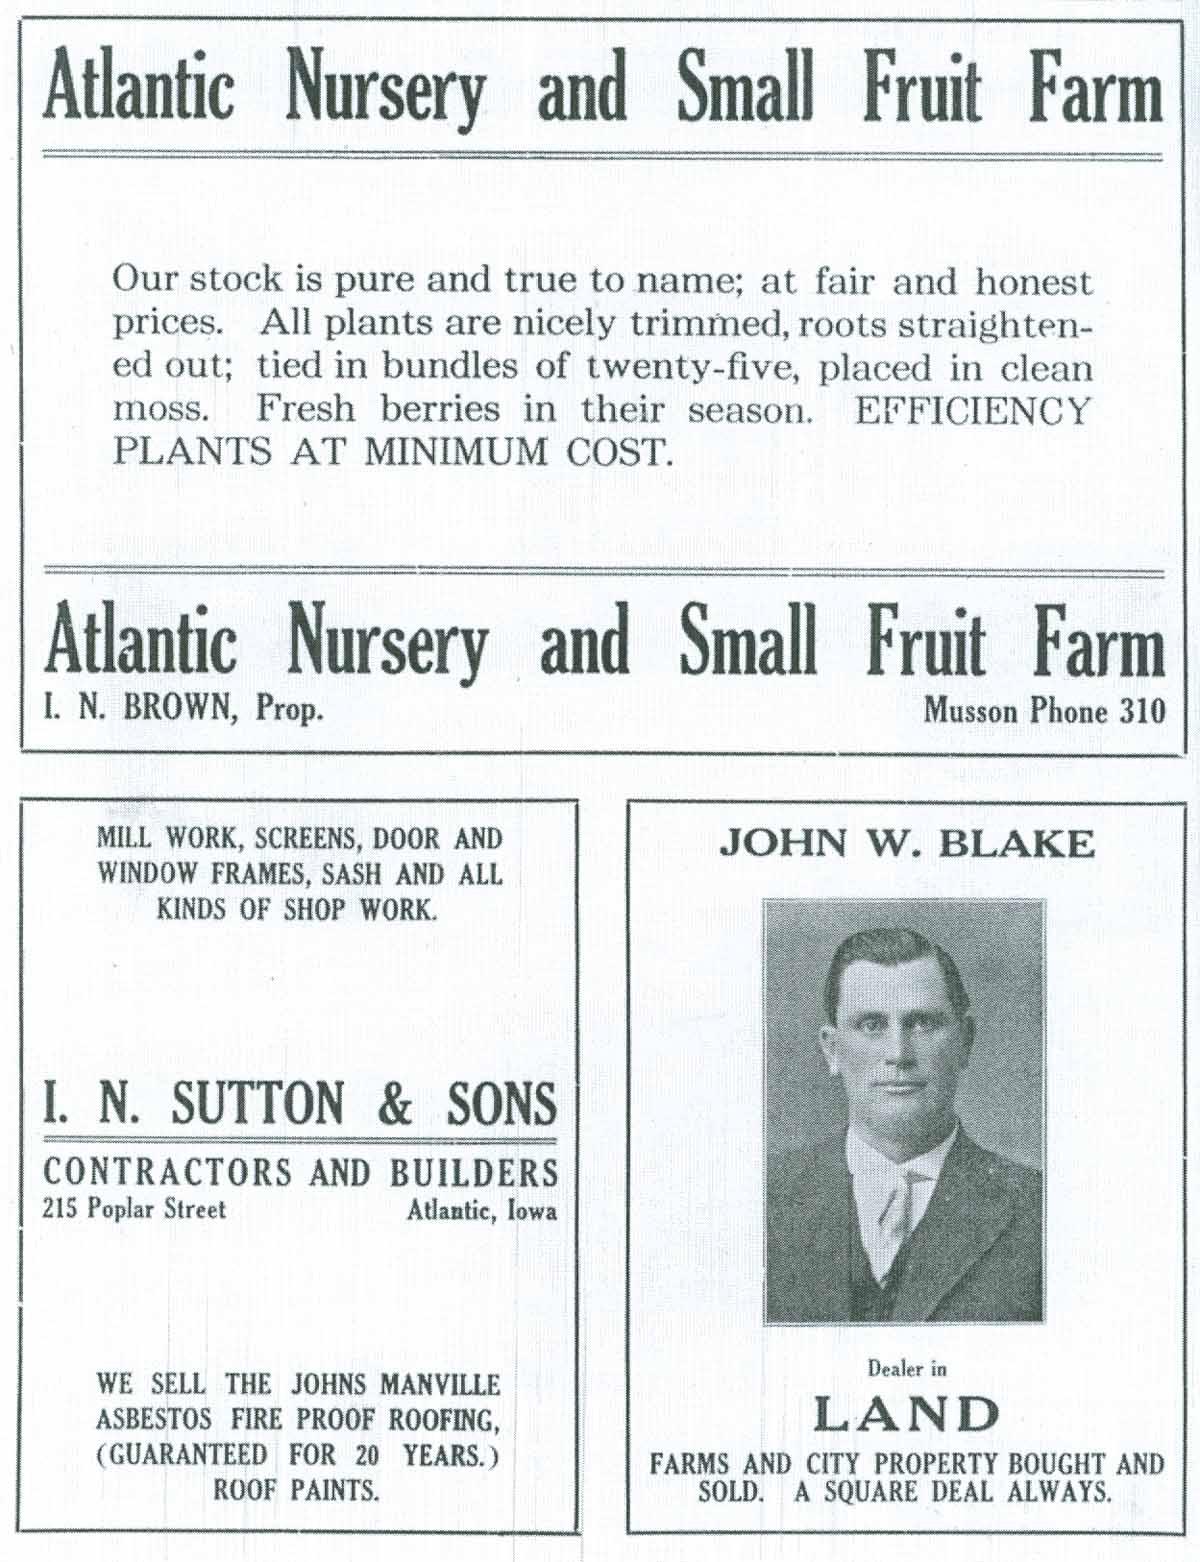 Atlantic Nursery I N Sutton Sons John W Blake Advers